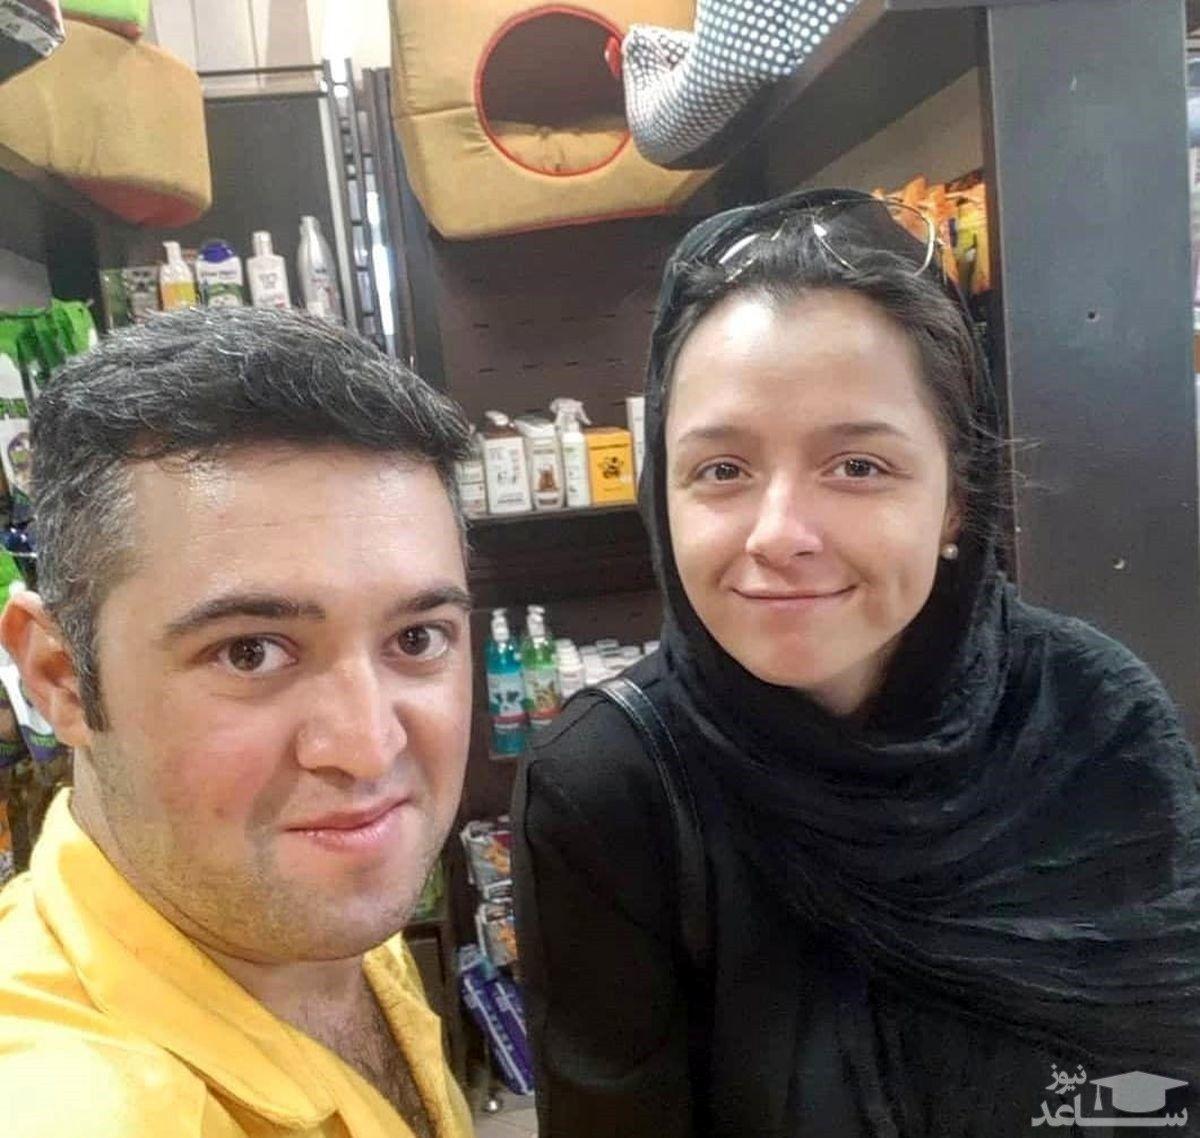 جنجال عکس لورفته از چهره بدون آرایش و واقعی ترانه علیدوستی